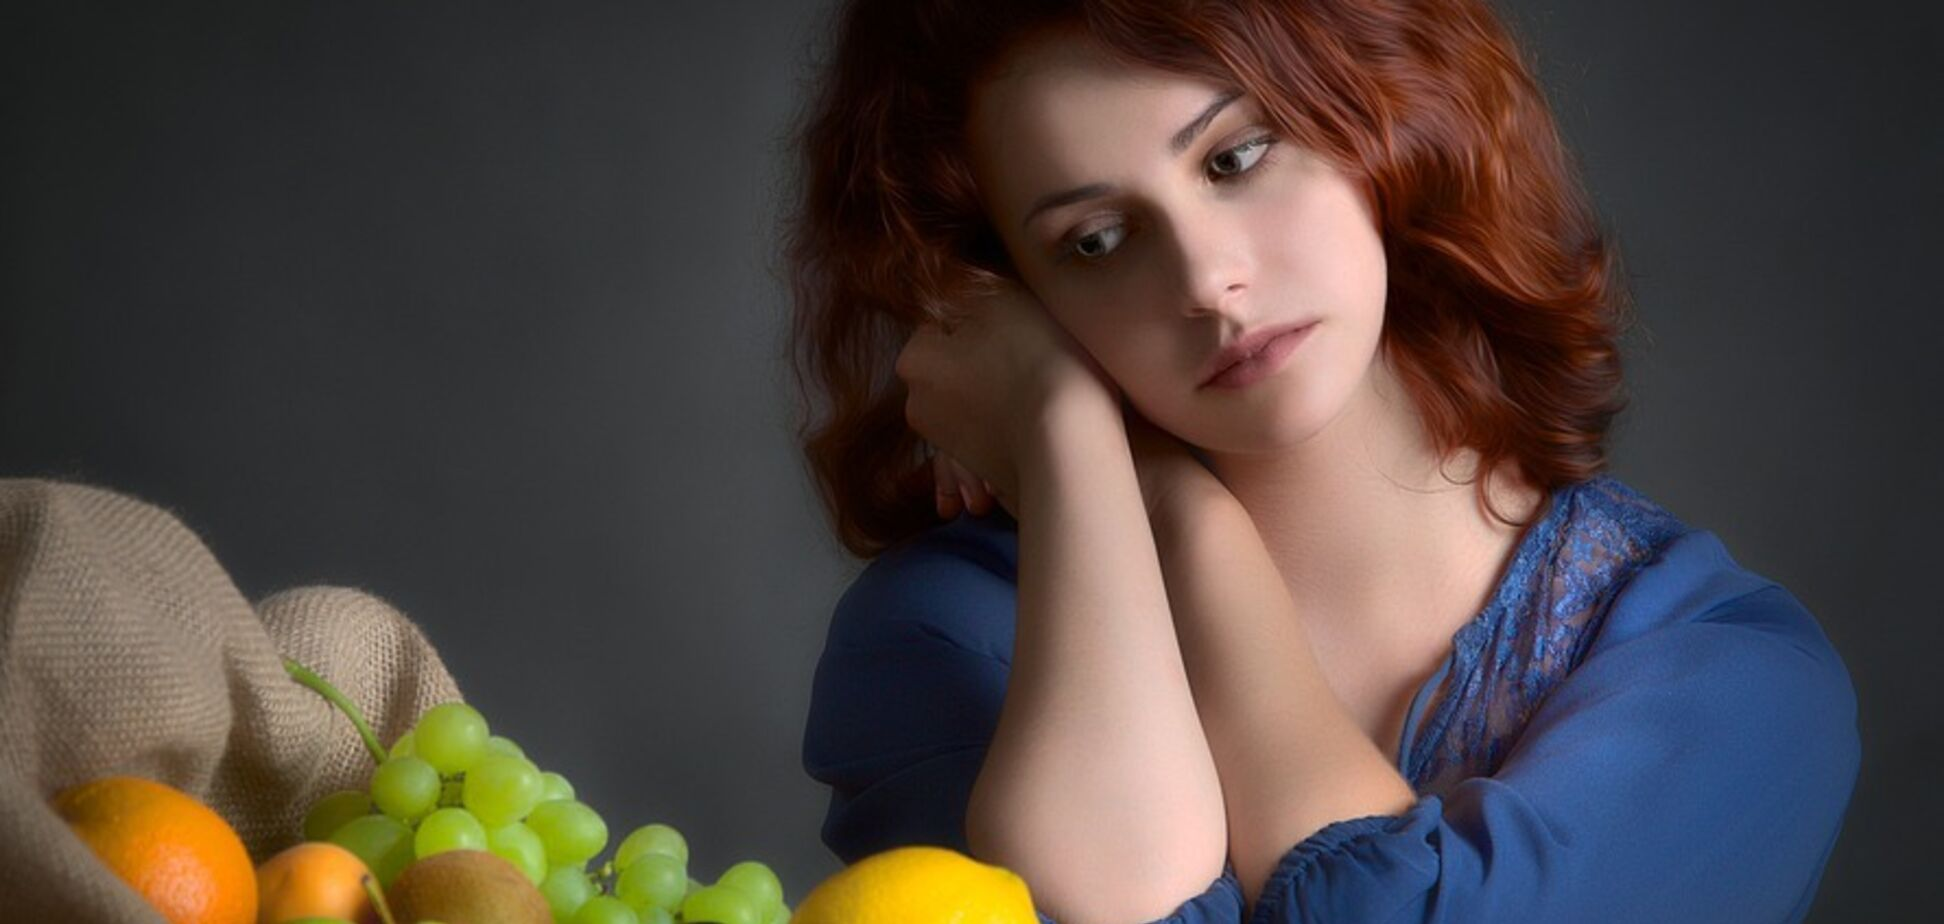 Шкідливо для фігури? Дієтологиня розвінчала популярний міф про фрукти